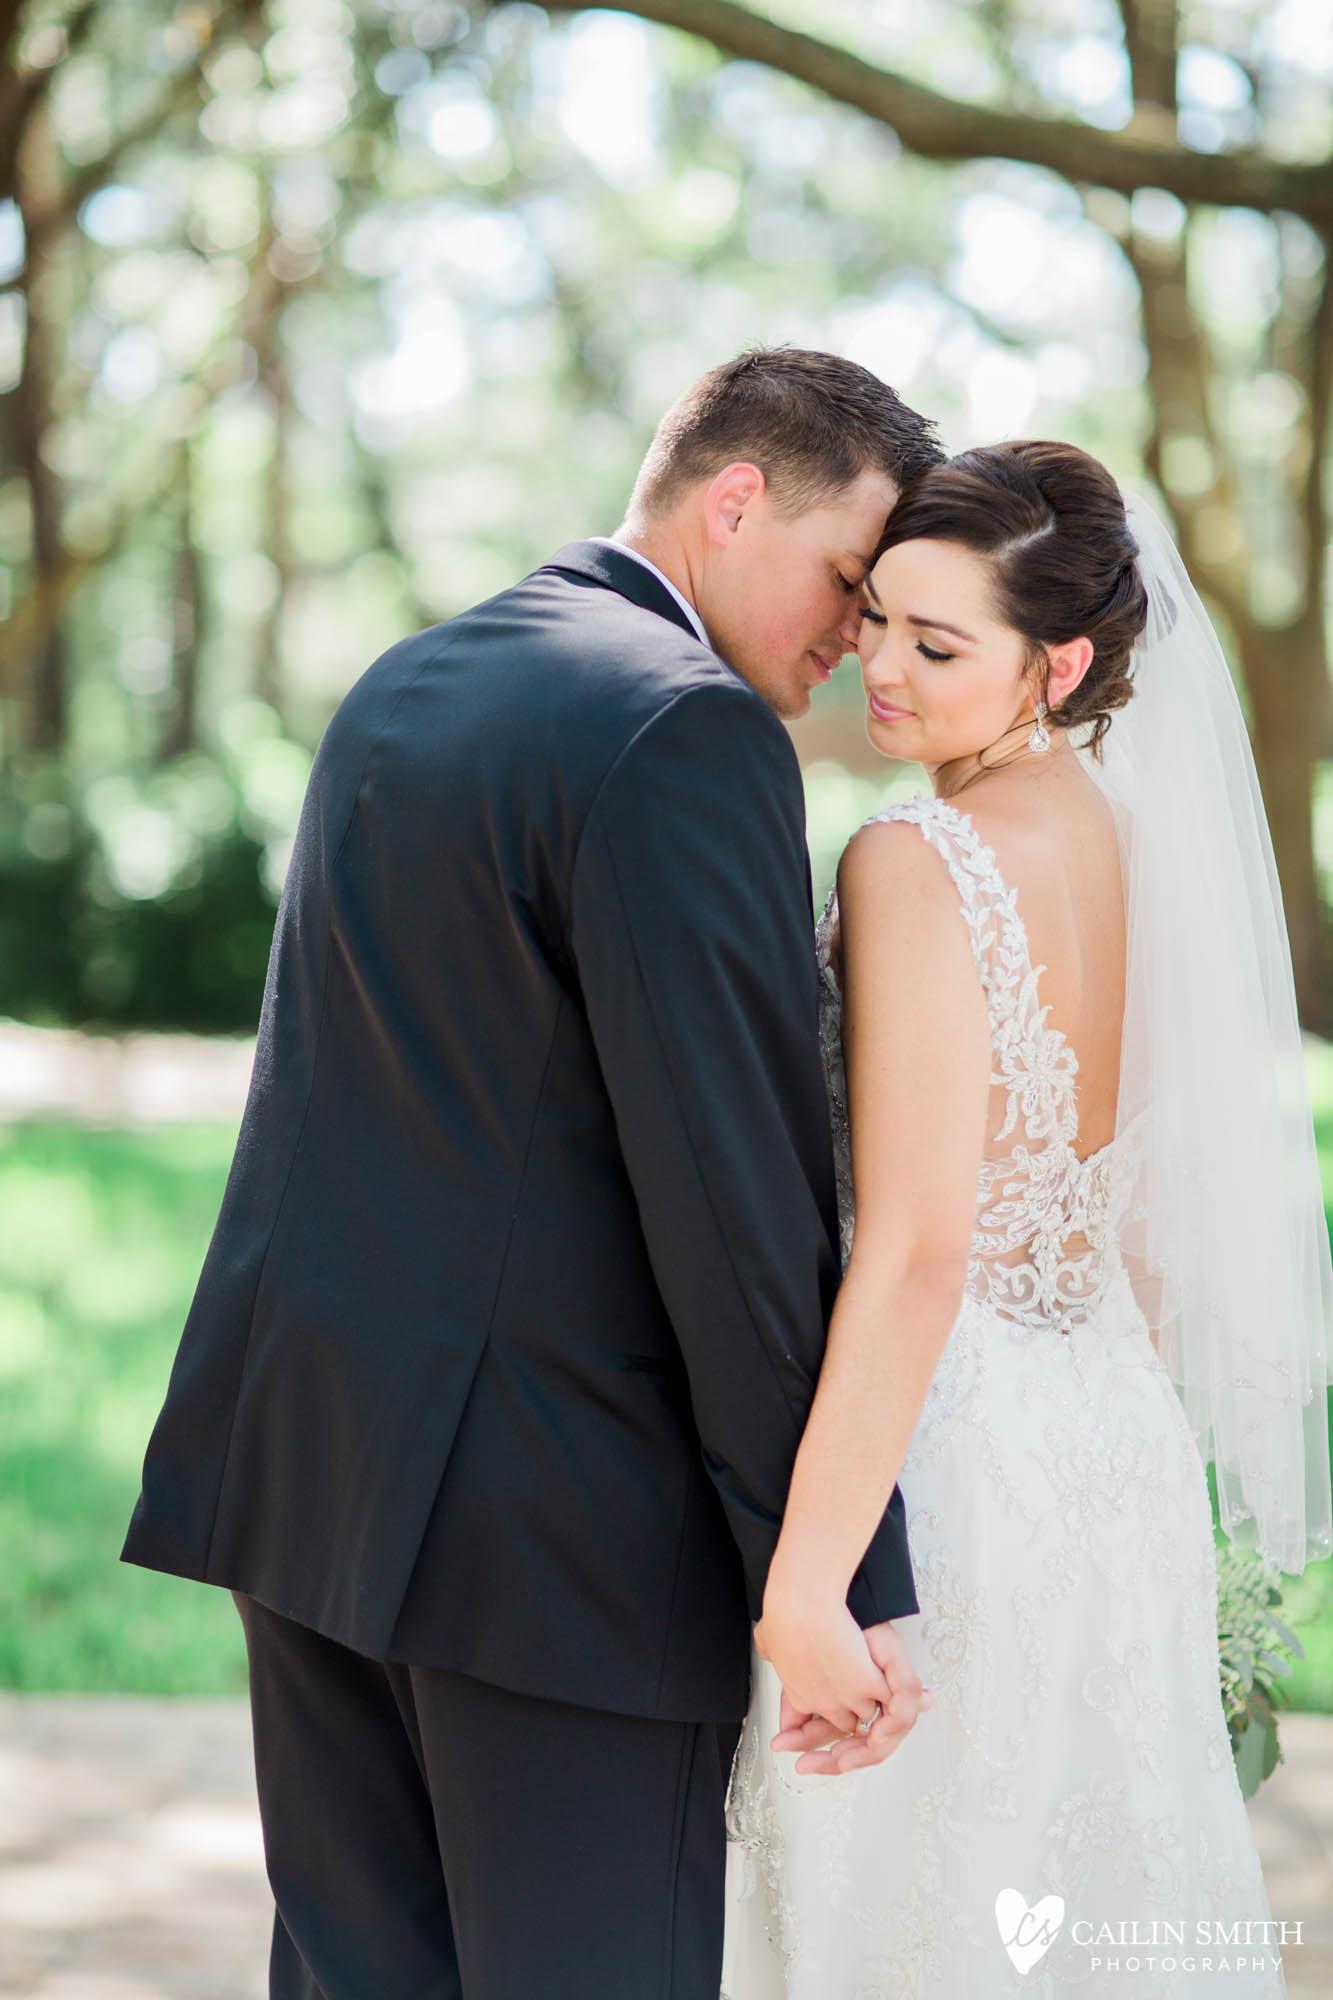 Bethany_Kyle_Bowing_Oaks_Plantation_Wedding_Photography_0046.jpg